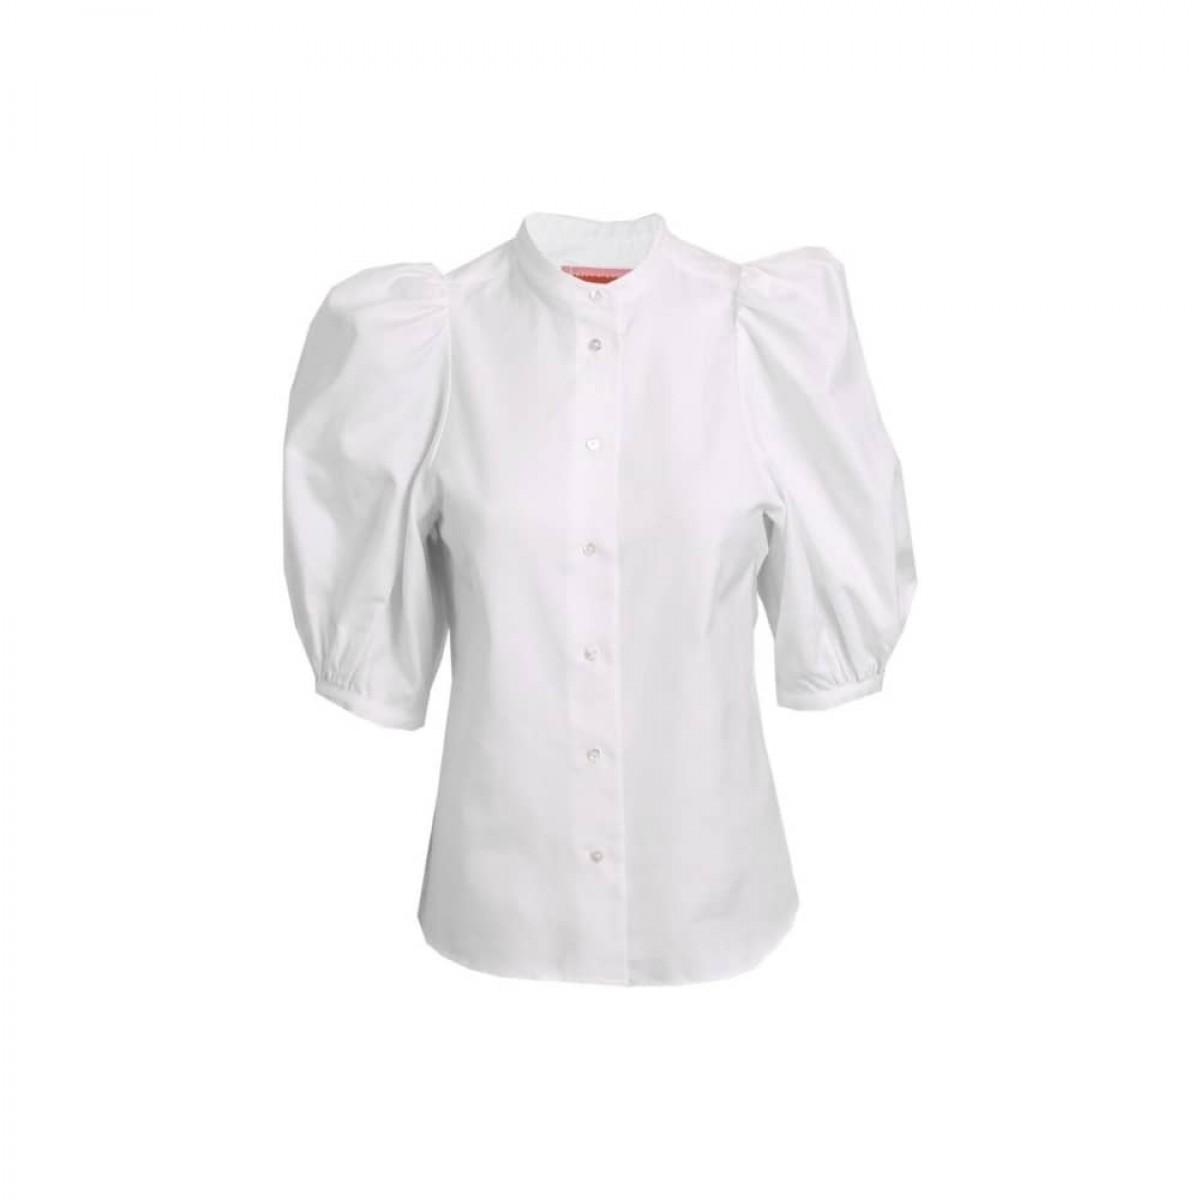 dalia skjorte - white - front